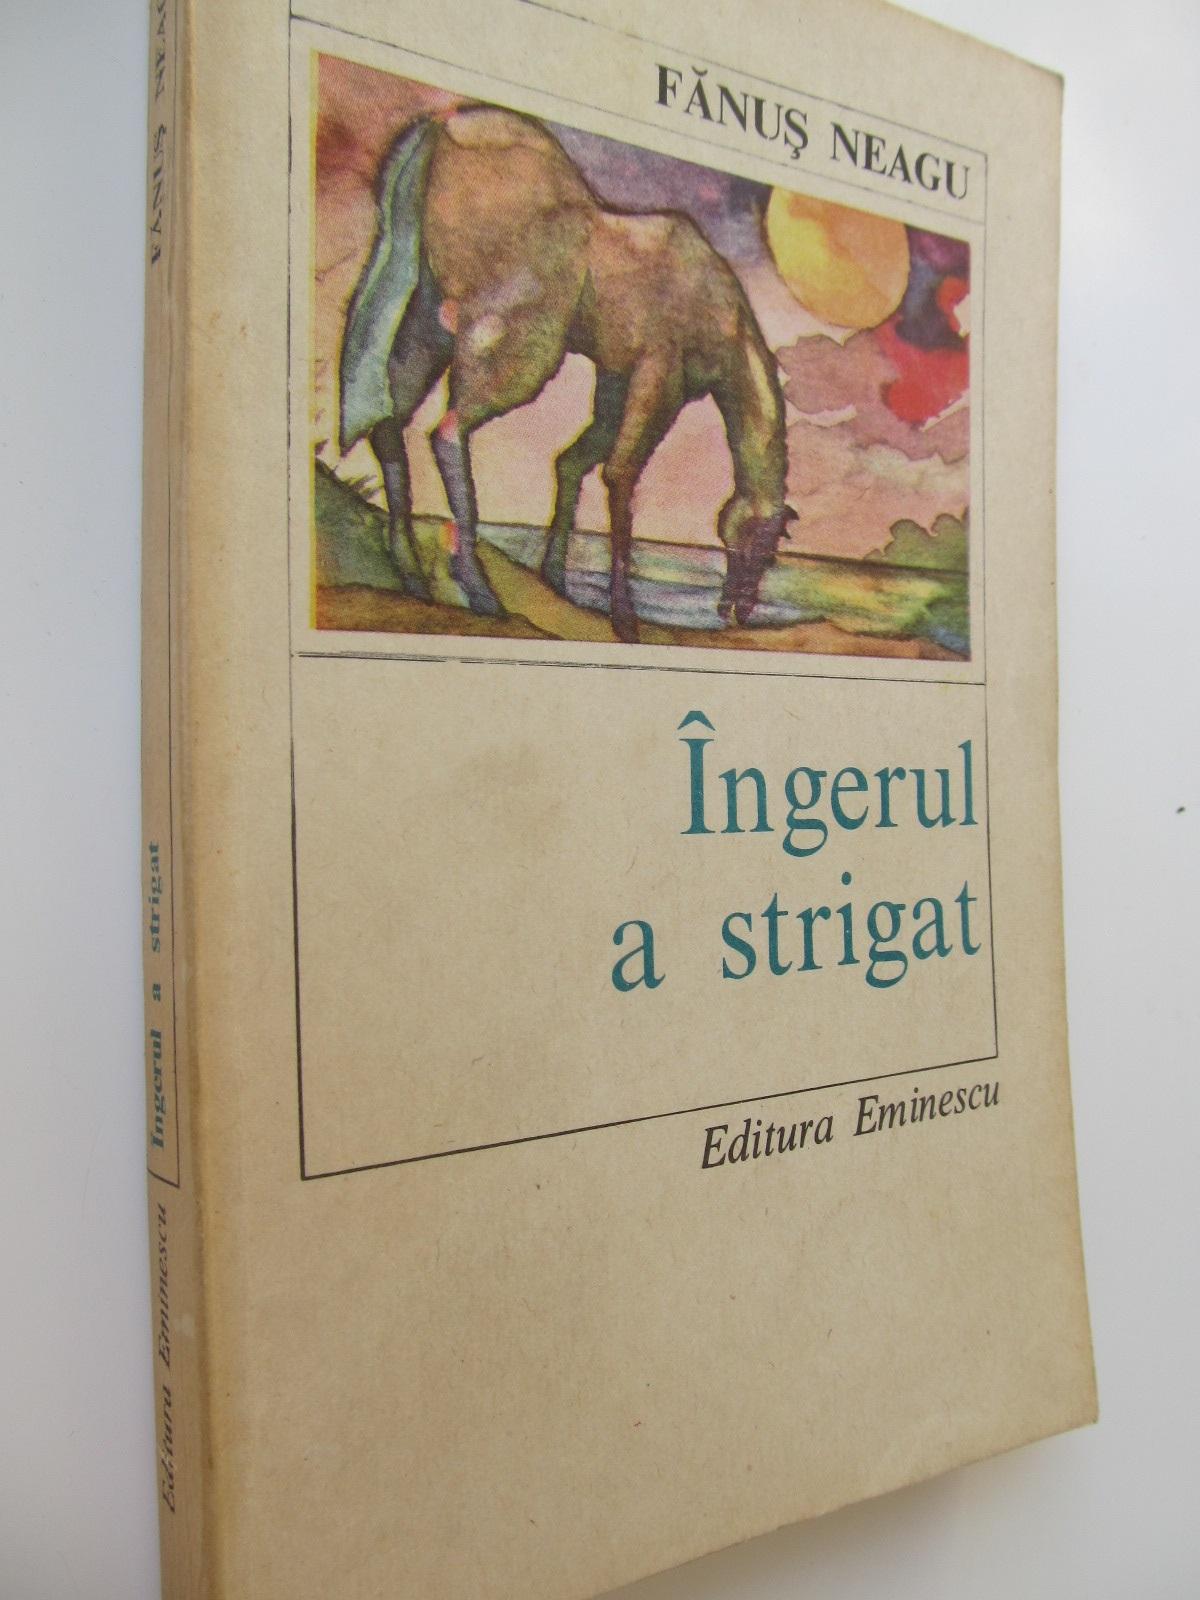 Ingerul a strigat - Fanus Neagu | Detalii carte